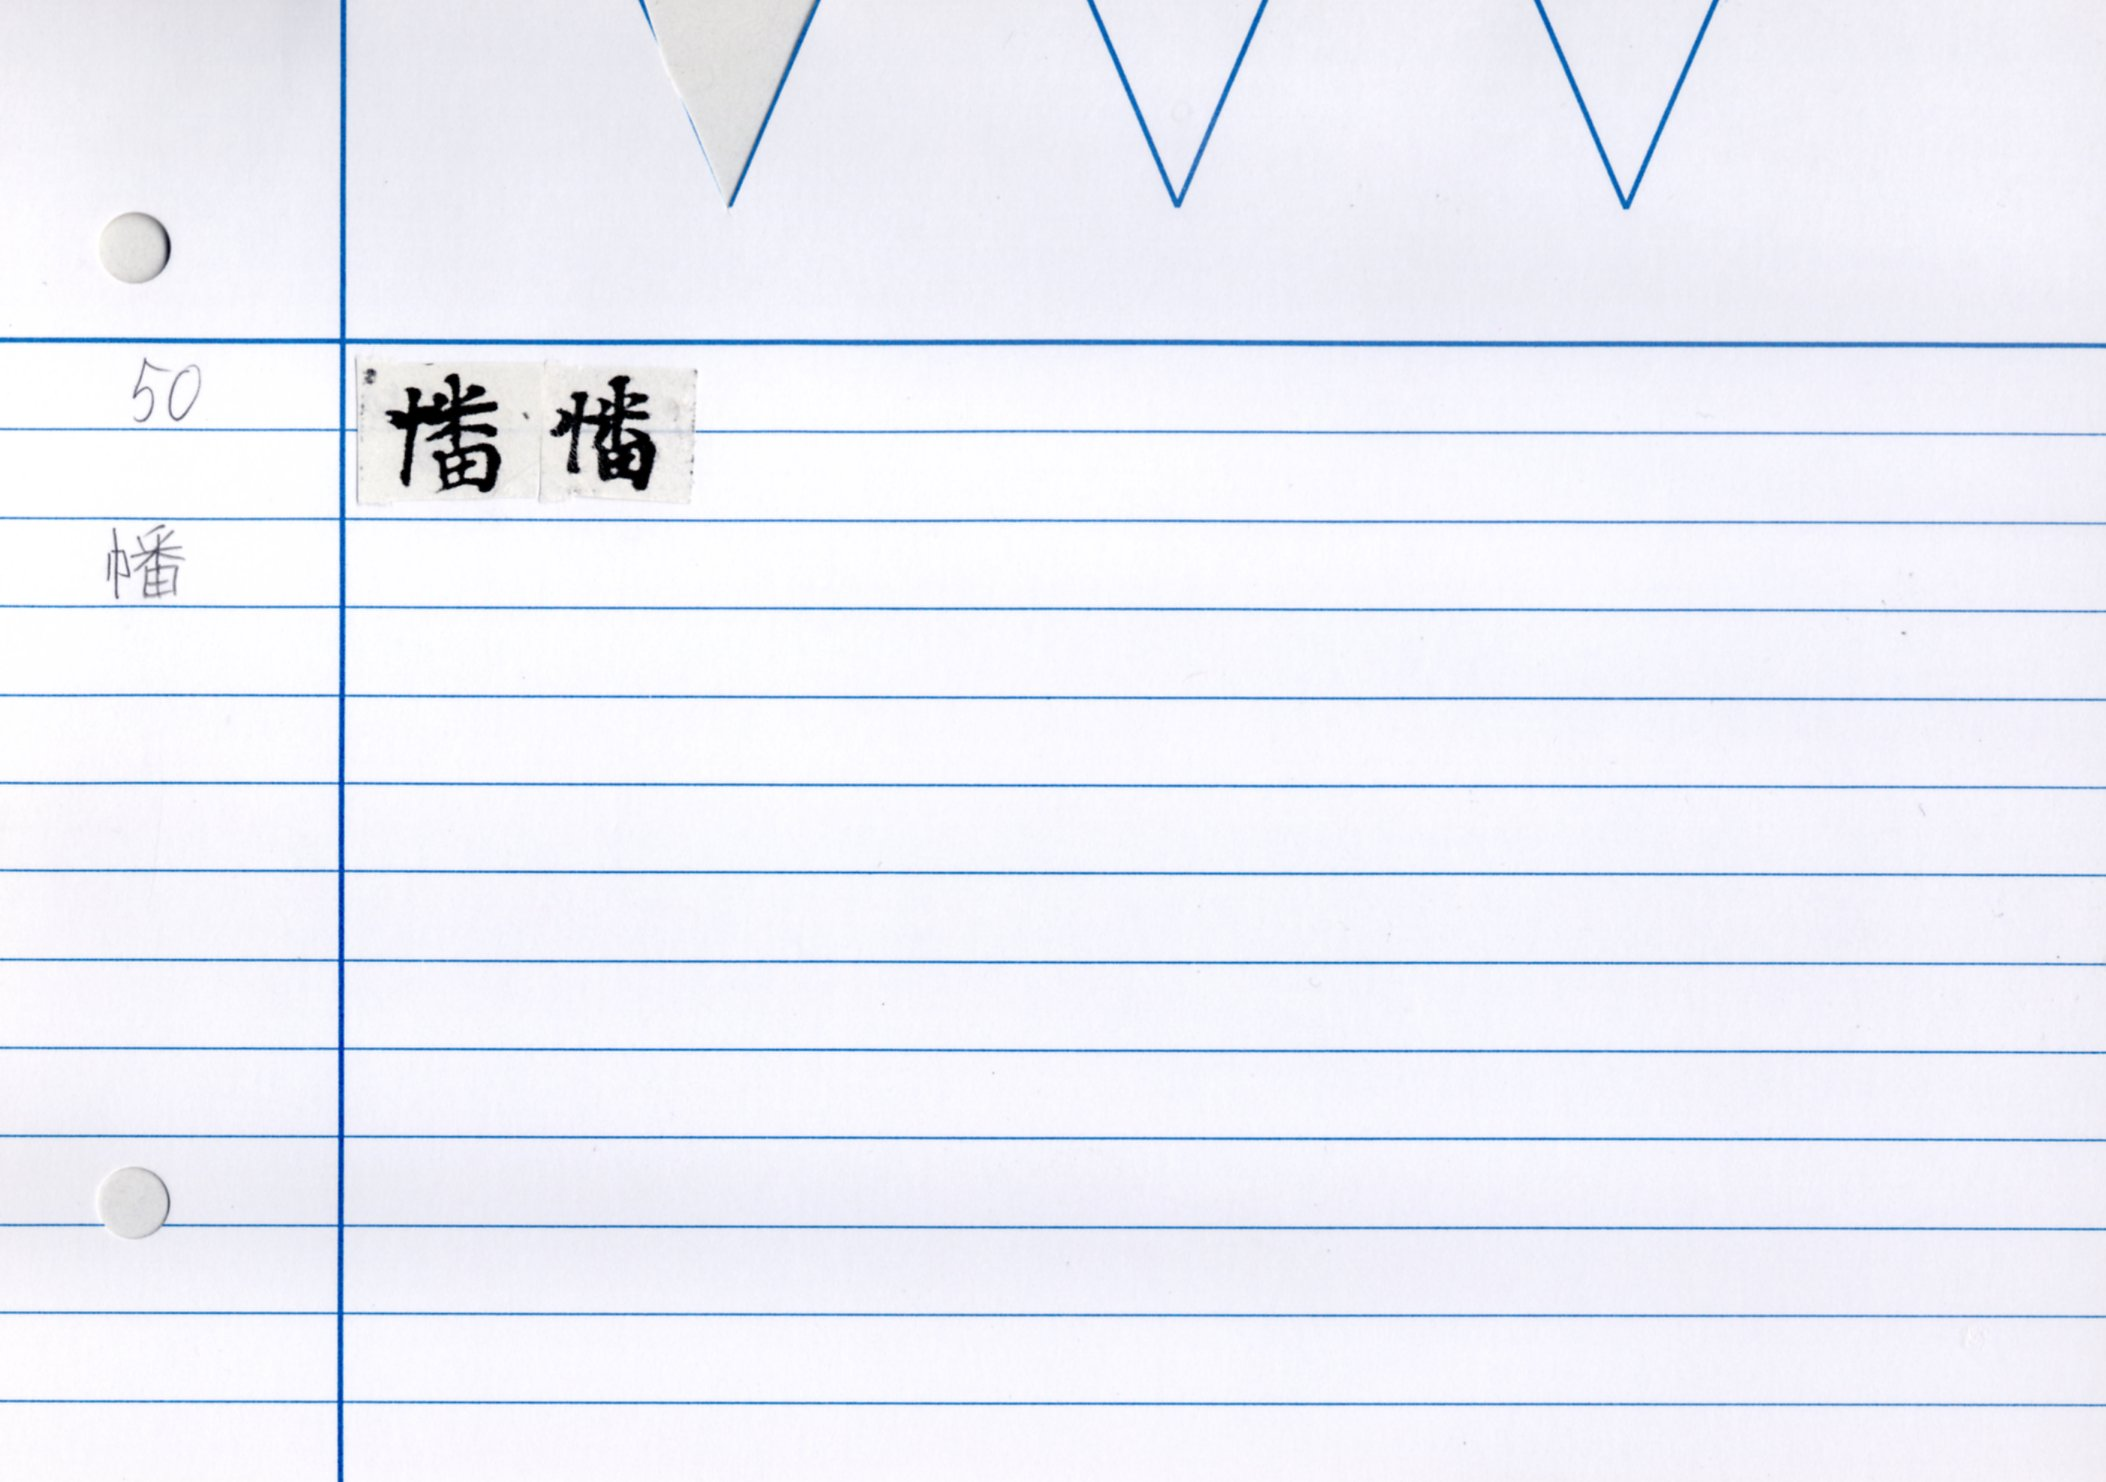 60_佛説大教王經卷一(東禪寺版日本寫本)/cards/0082.jpg